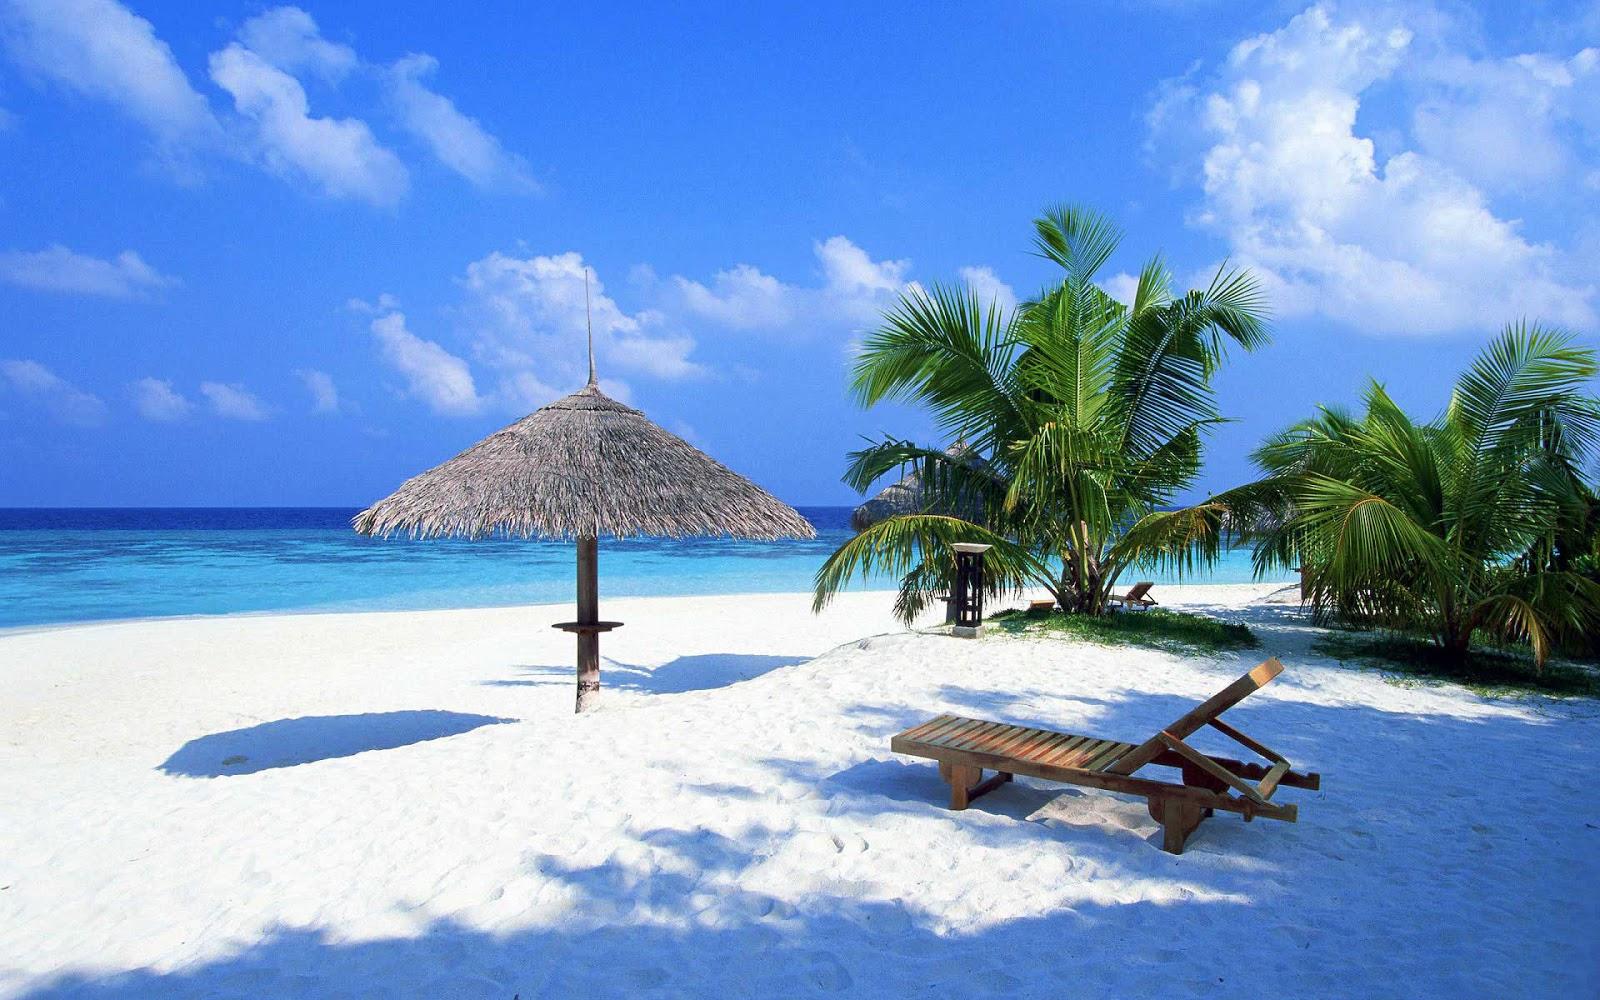 Vista de las playas blancas en México